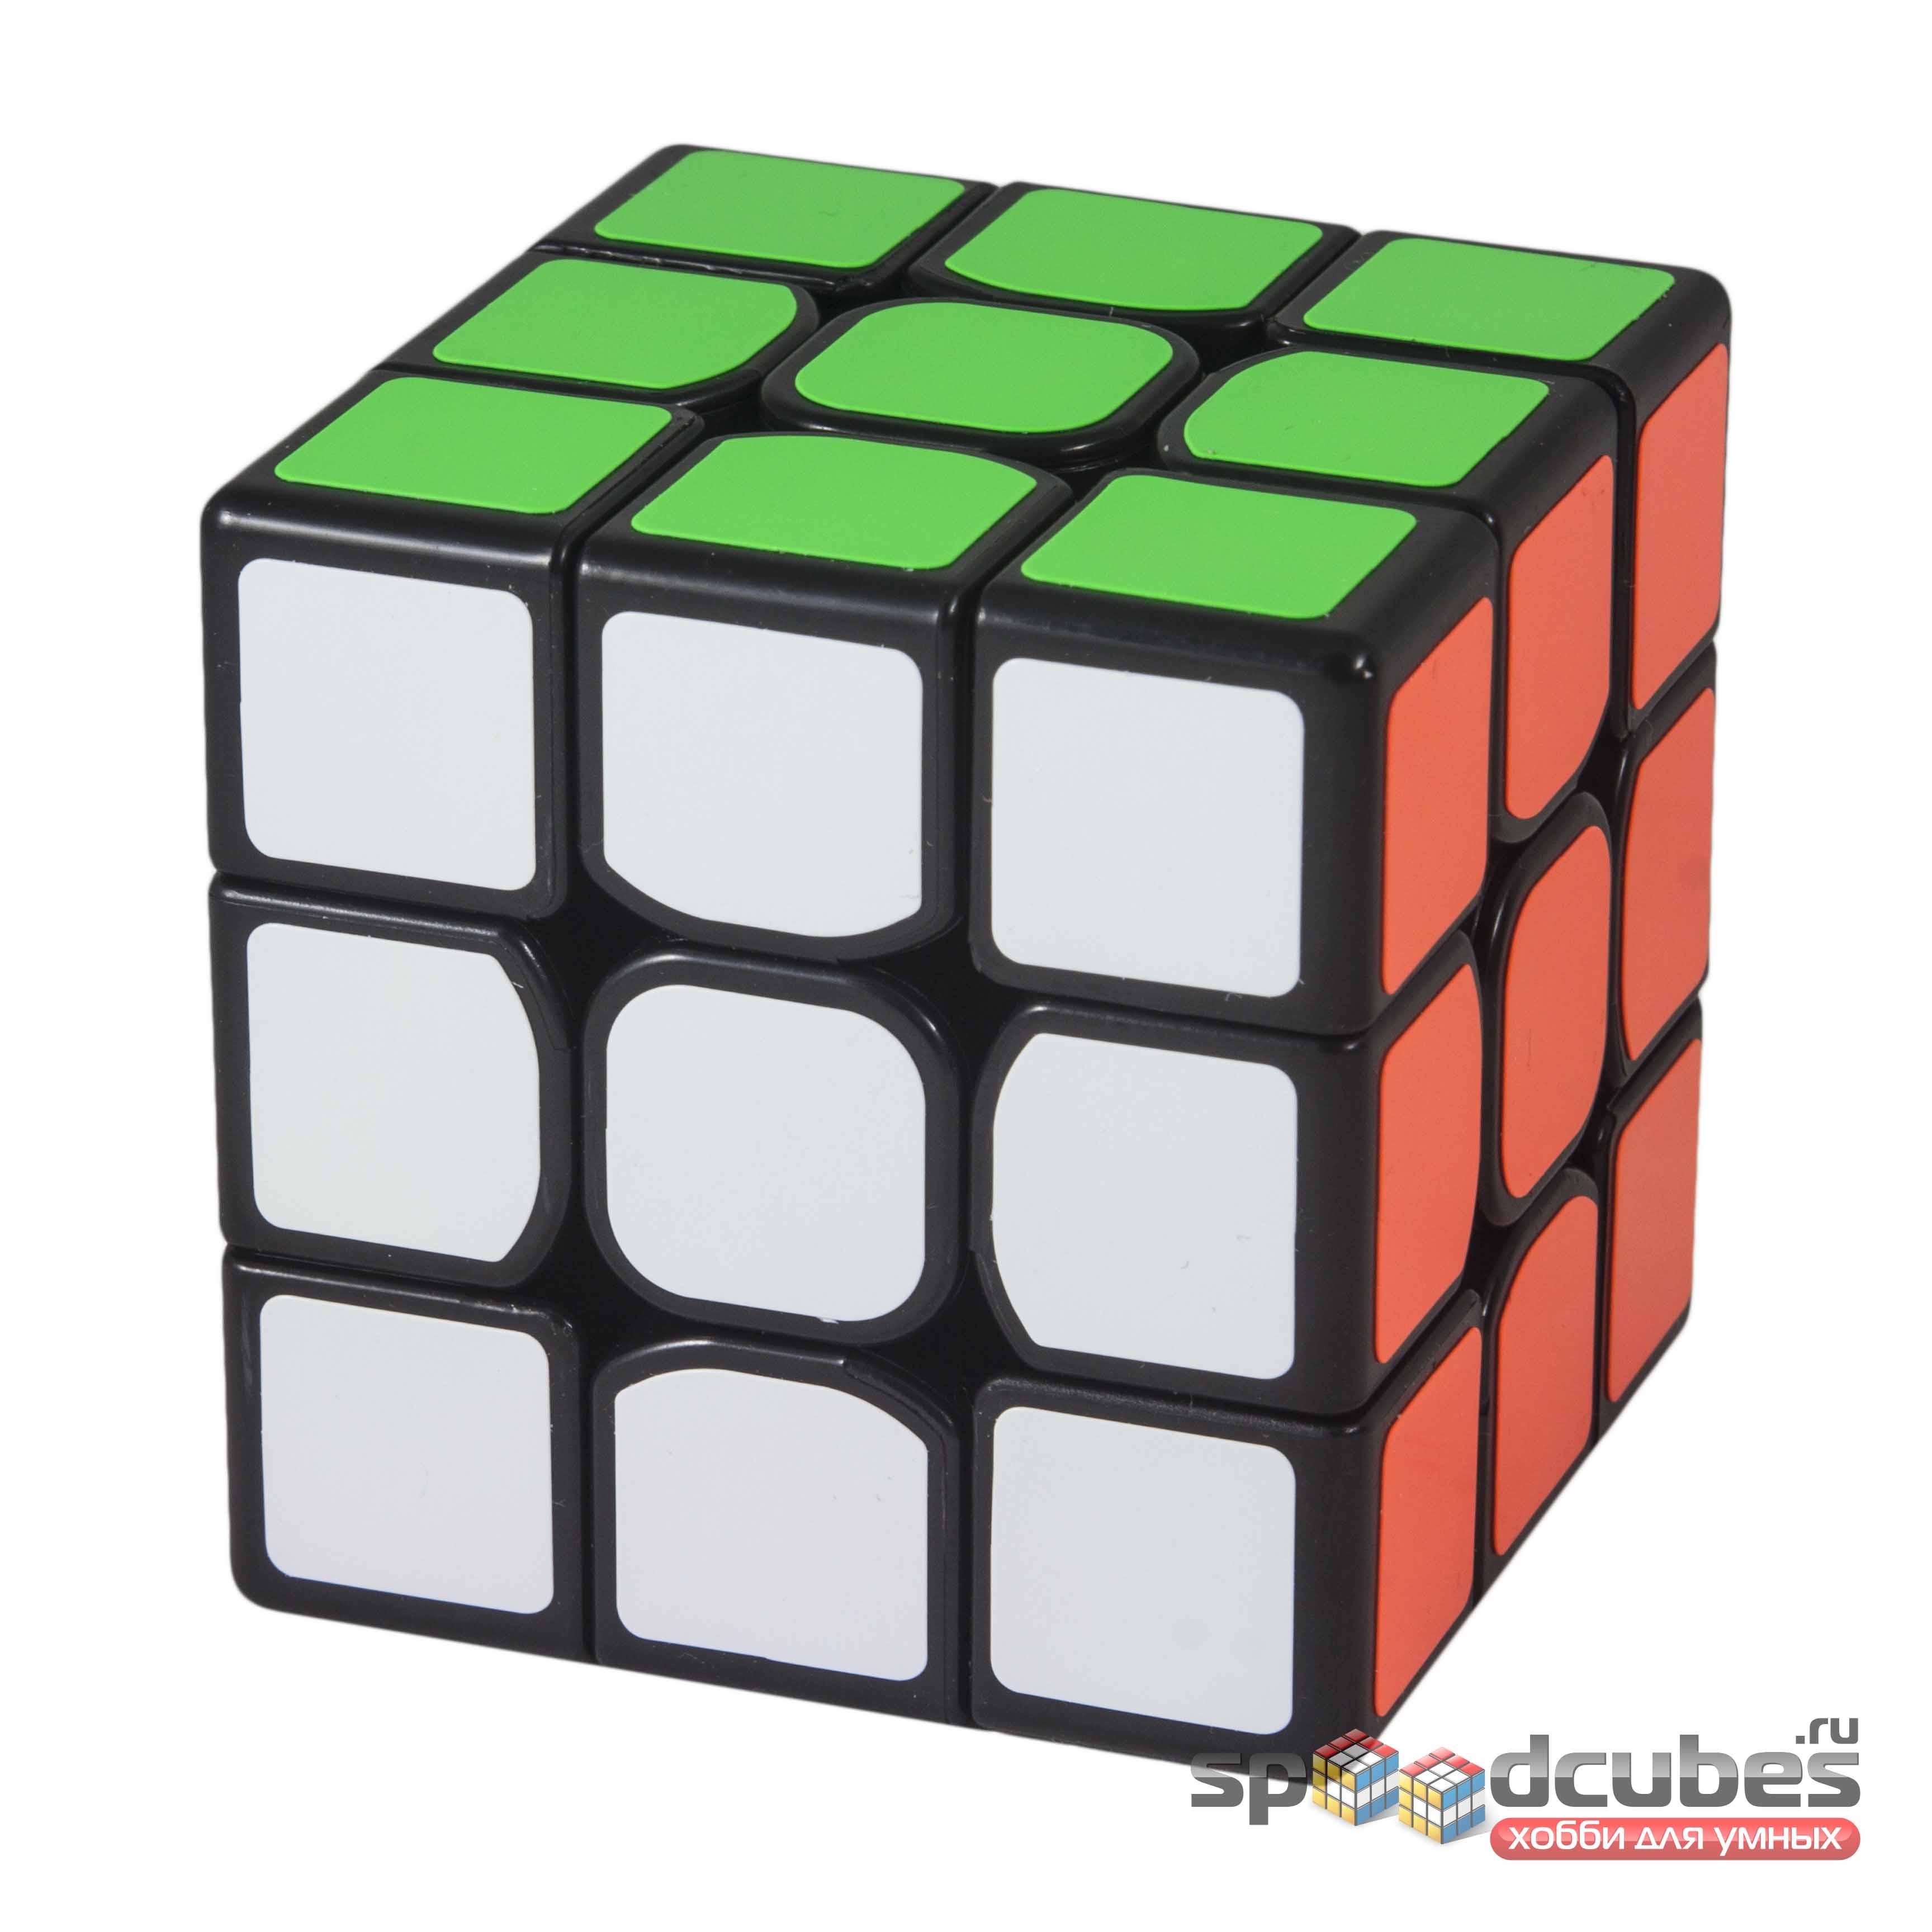 Moyu (yj) 3x3x3 Guanlong Plus Black 2